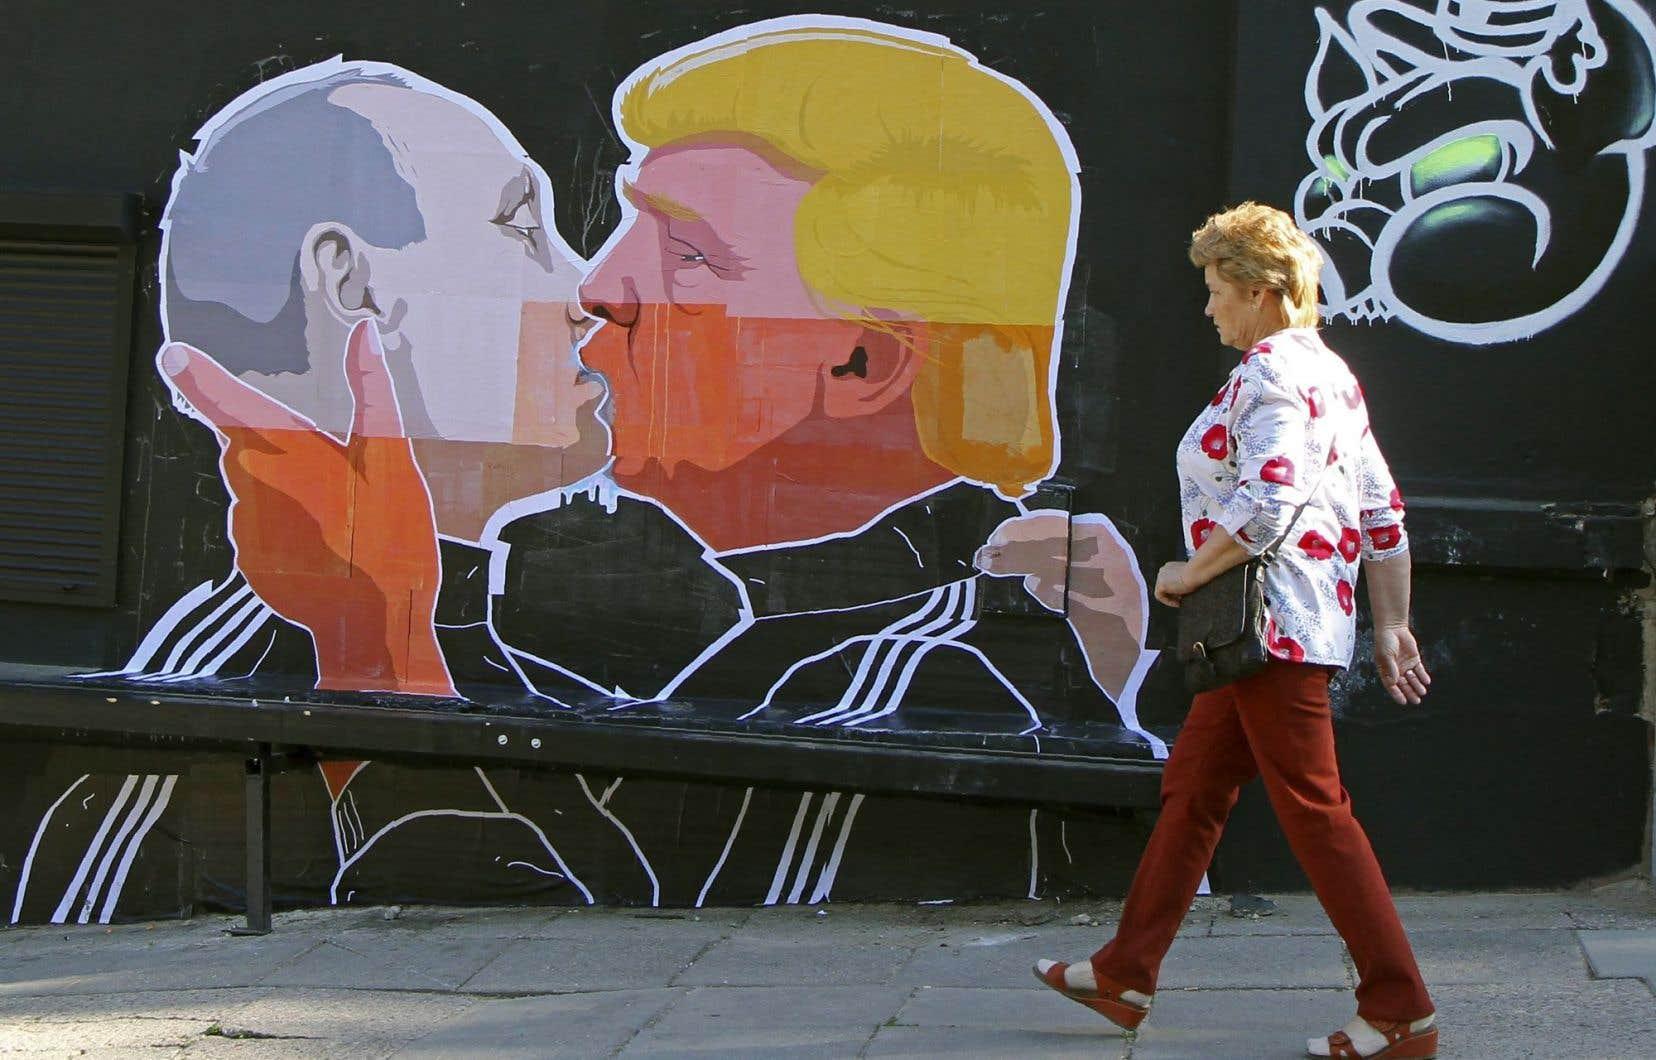 Donald Trump et Vladimir Poutine s'embrassent sur cette murale à Vilnius, la capitale lituanienne. Elle exprime la crainte qu'inspire leur proximité.